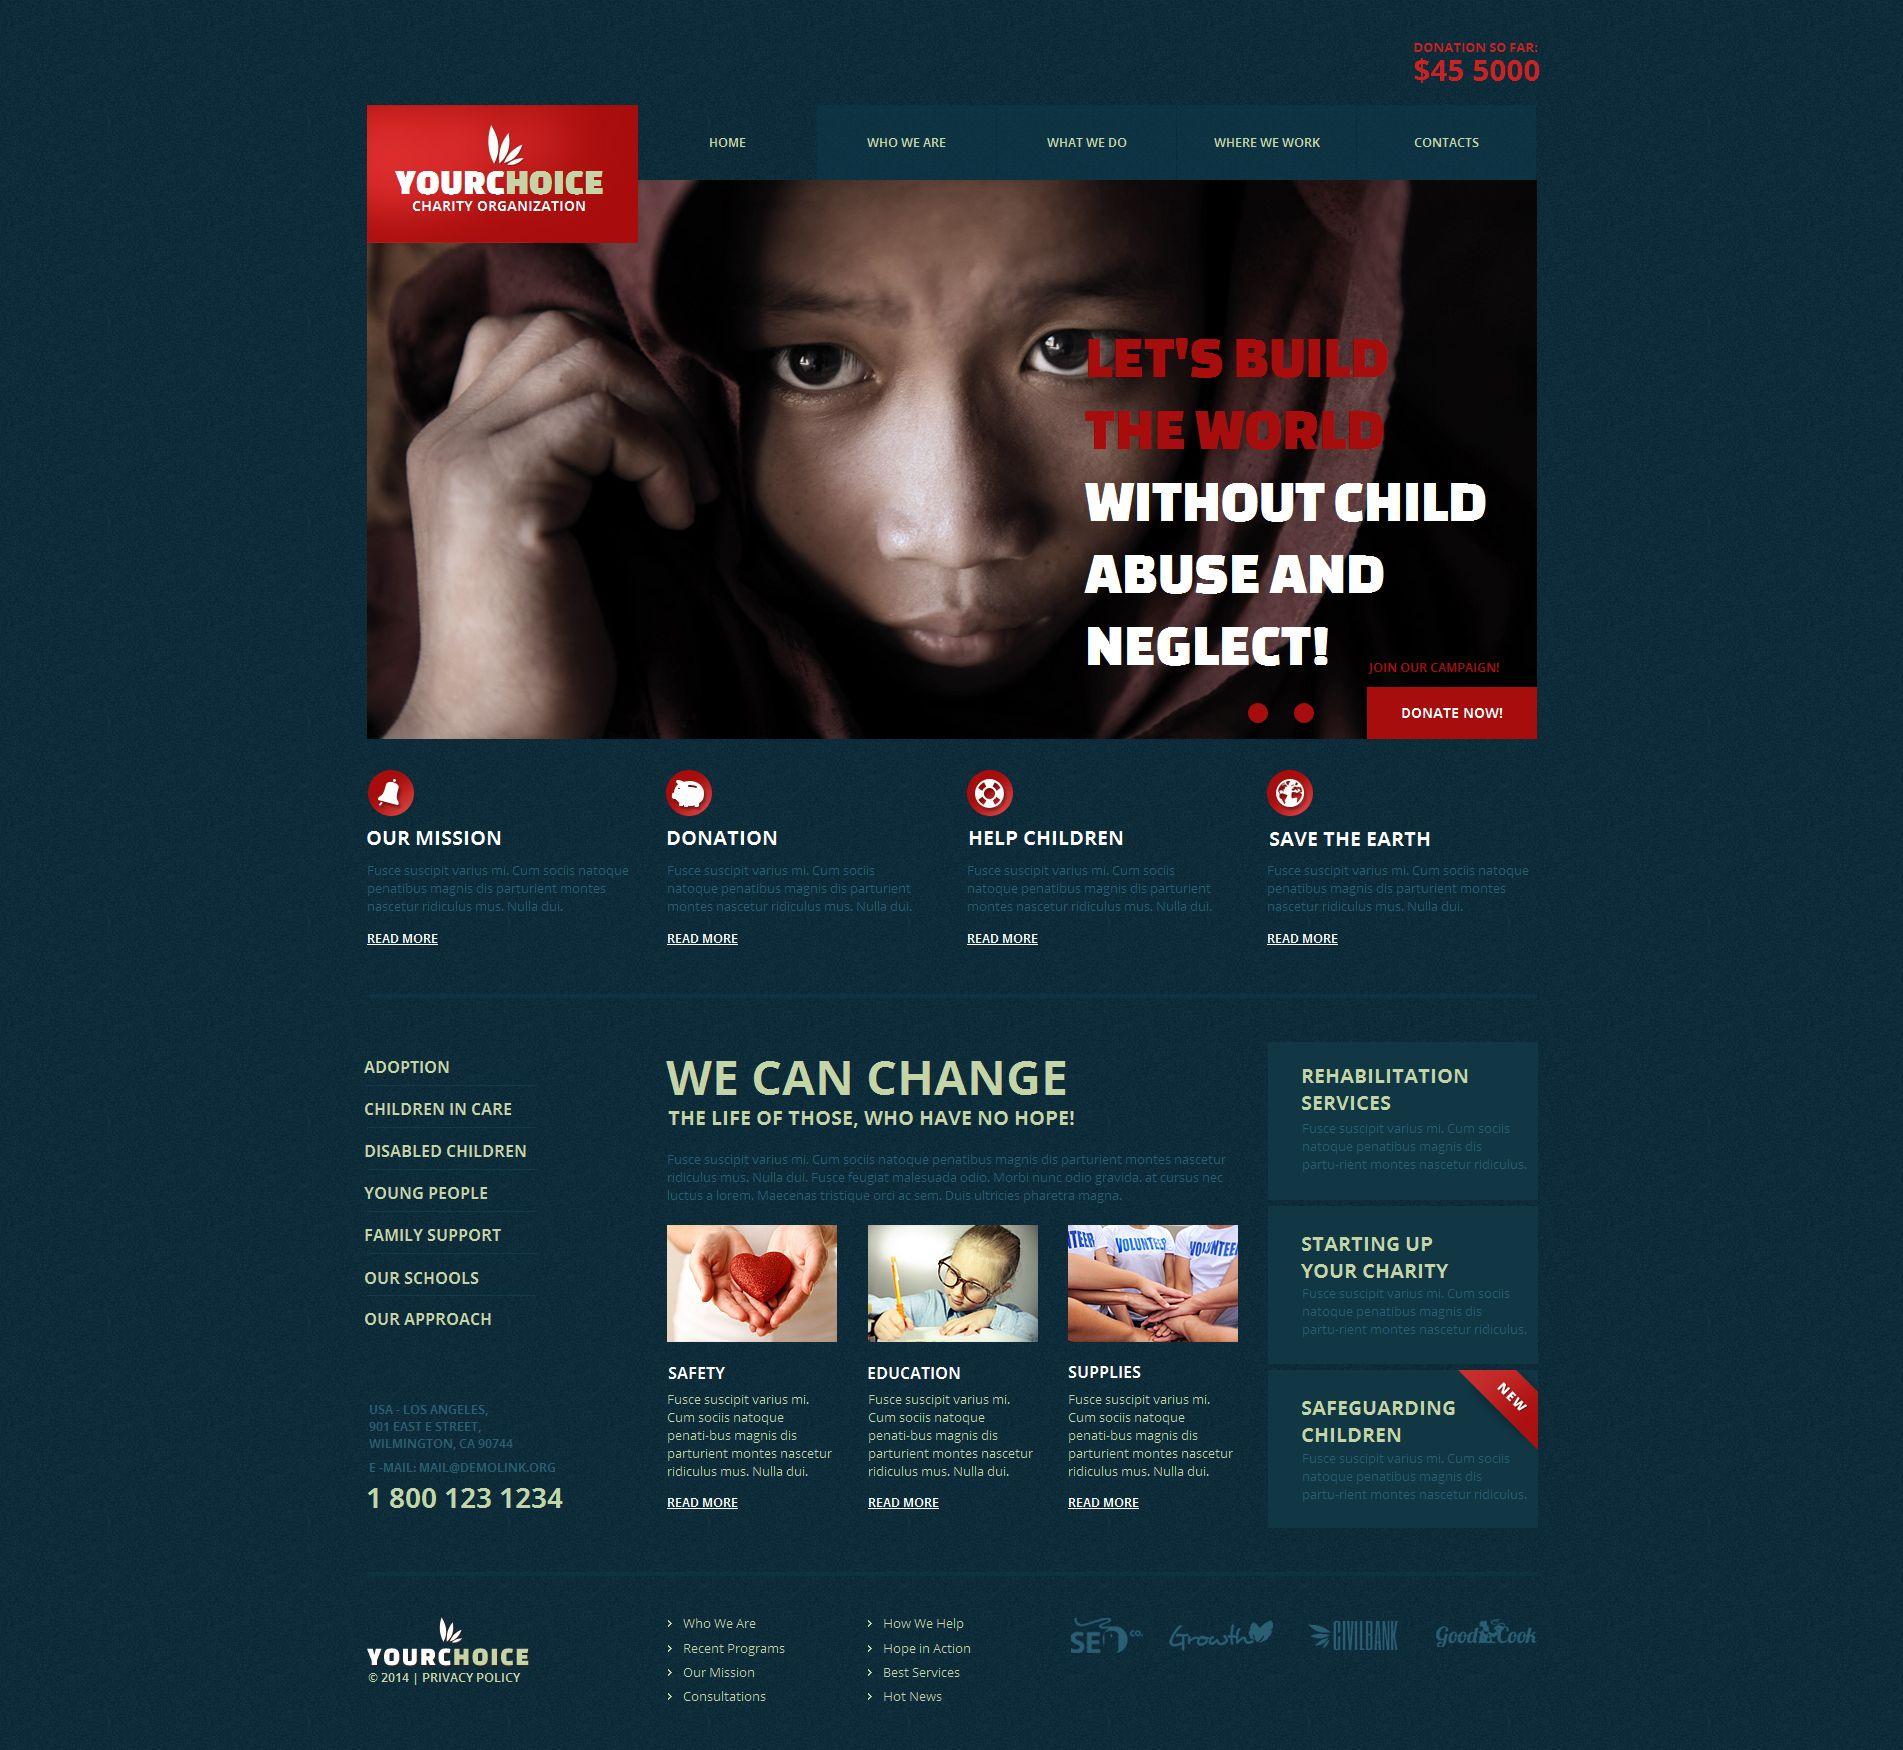 Modèle Moto CMS HTML Premium pour site d'association caritative #49179